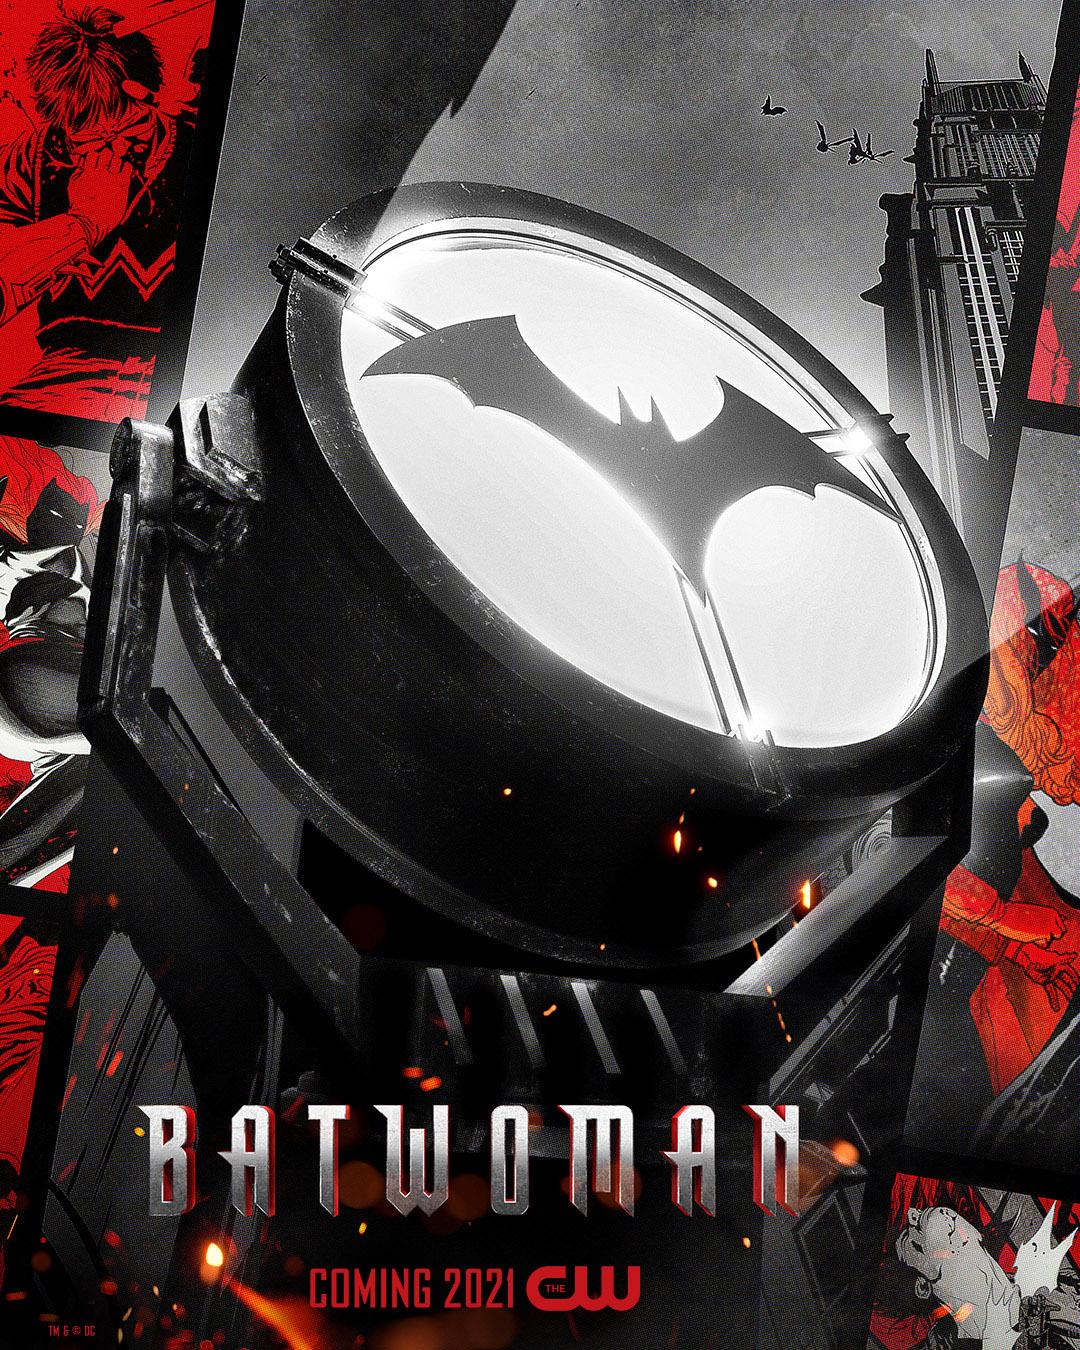 Постер для 2 сезона сериала Бэтвумен